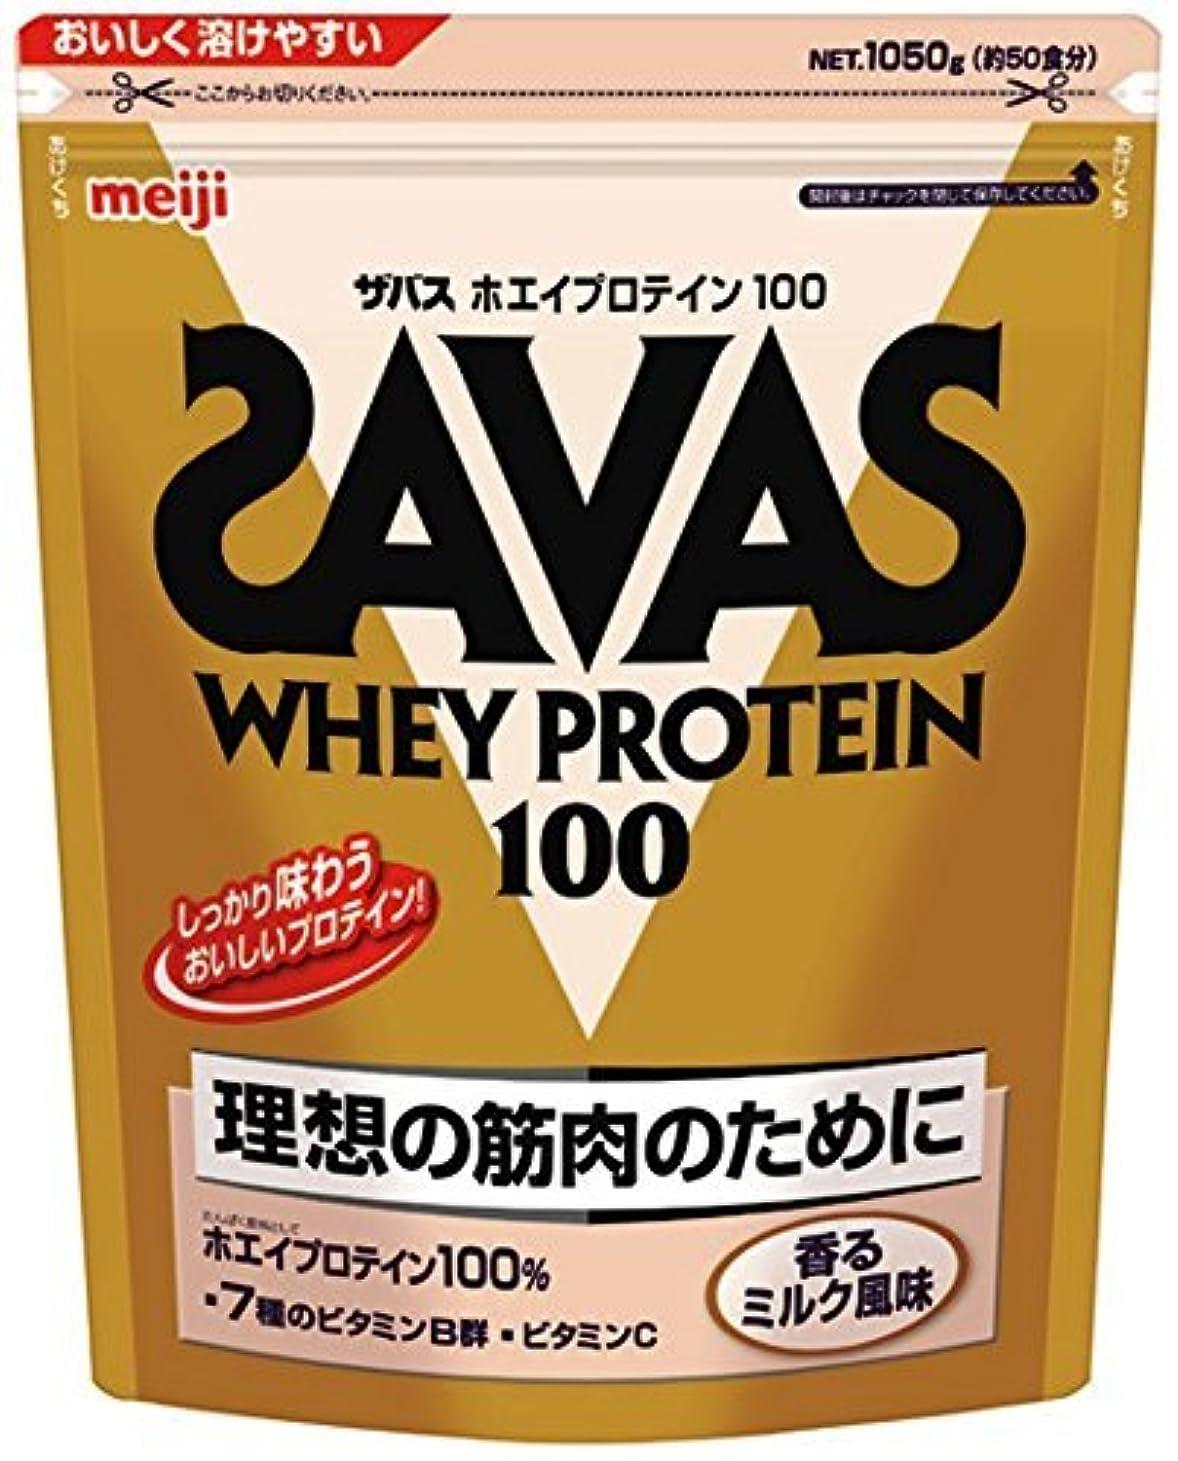 祈りカウントゆるく明治 ザバス ホエイプロテイン100 香るミルク風味 【50食分】 1,050g